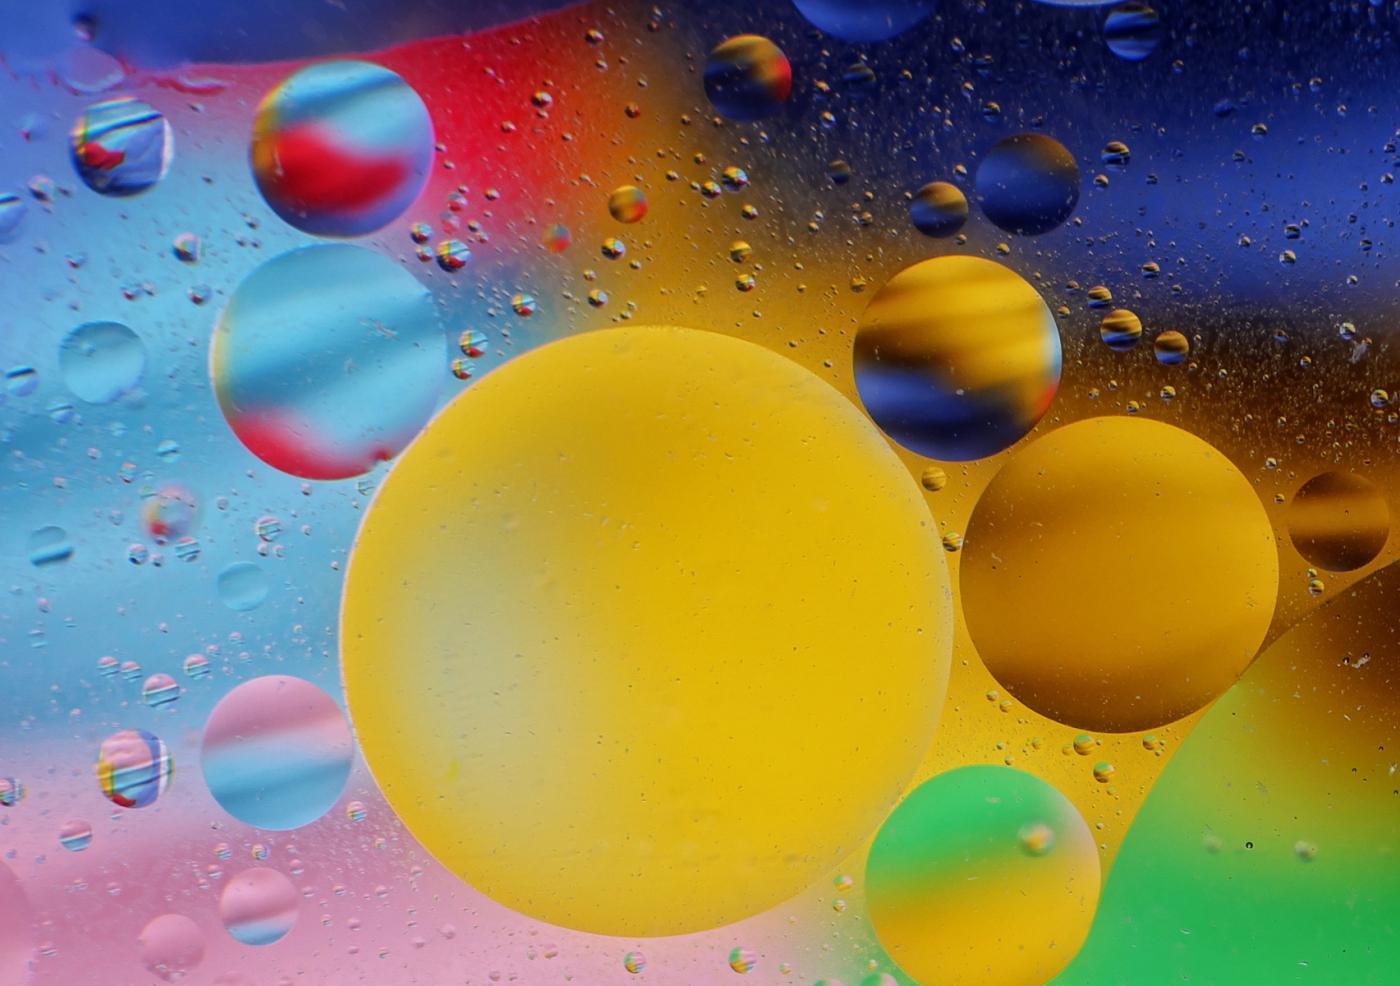 我镜头下的水泡【心想事成】_图1-1